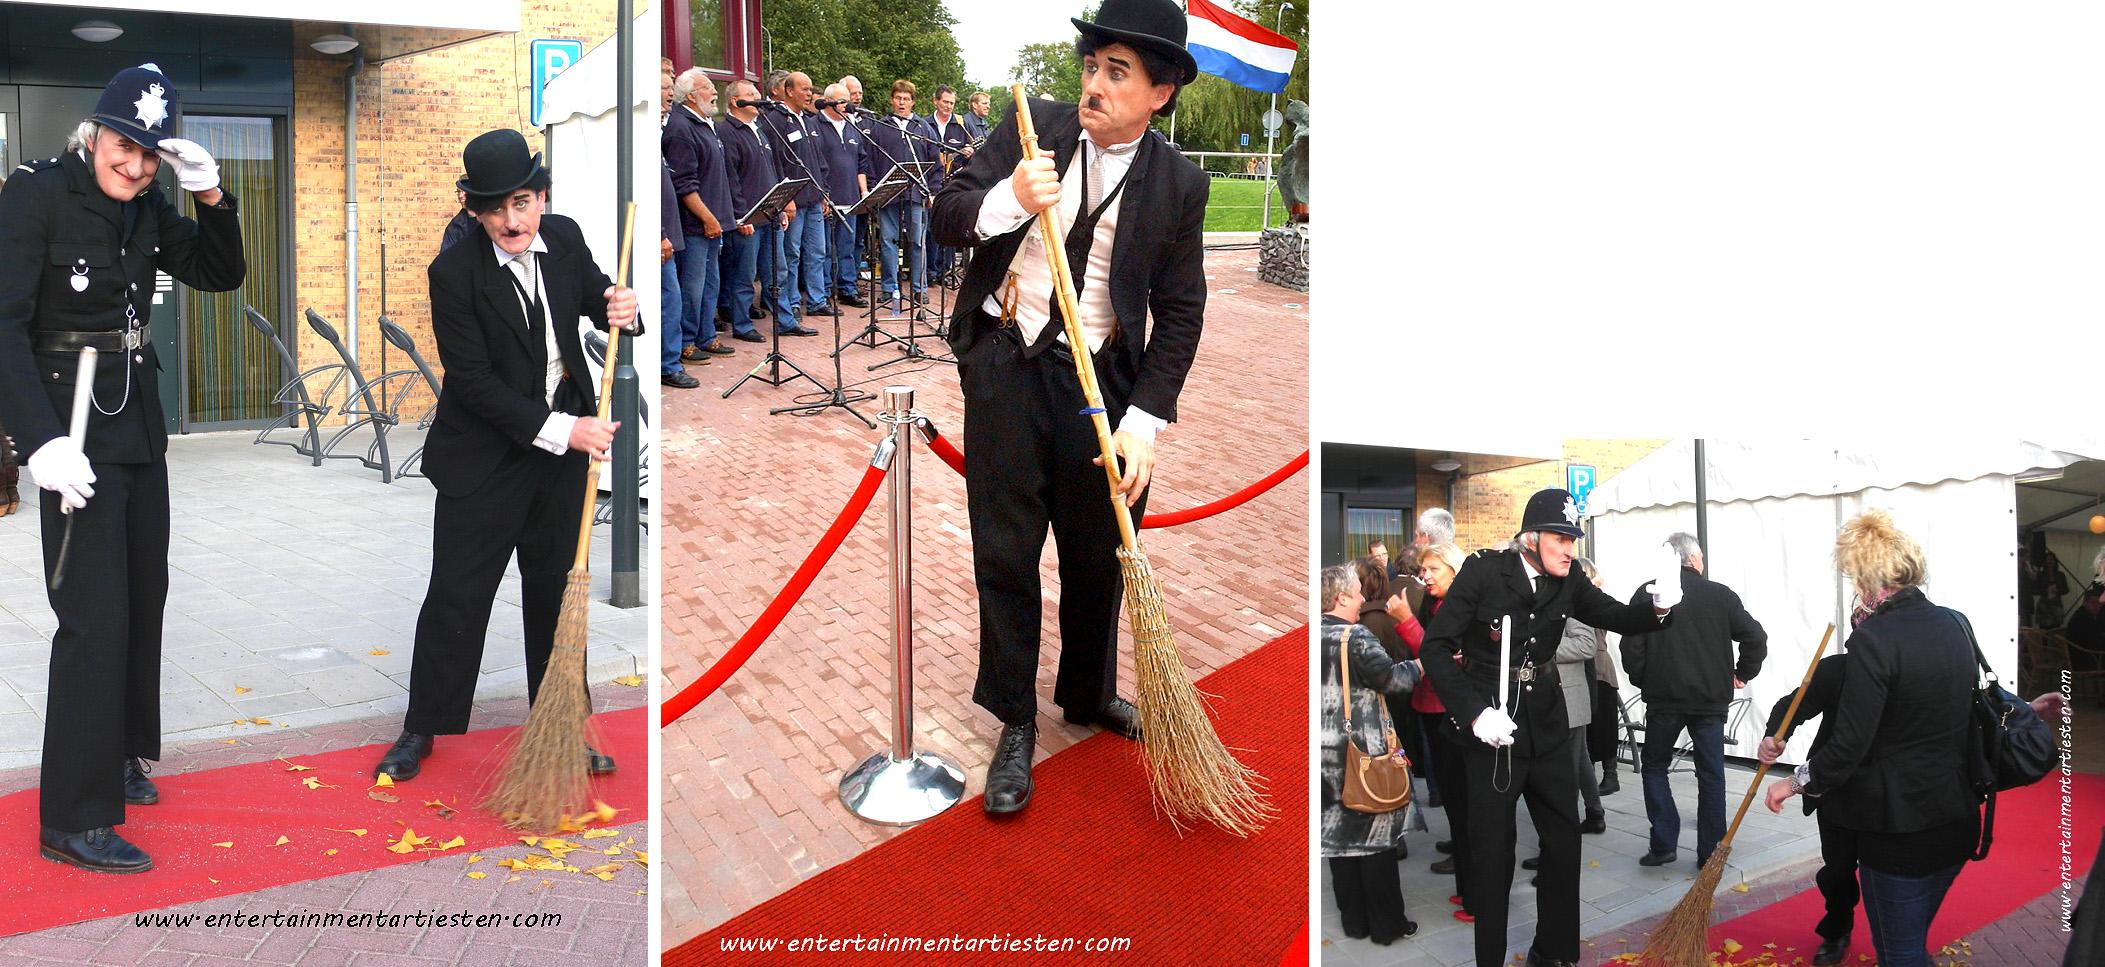 Straattheater, Charlie Chaplin Look-a-like mimespeler en Engelse Bobby ontvangen uw genodigden bij de entree, themafeest, ontvangstact, acteurs huren, thema entertainment, artiestenbureau, Govers Evenementen, www.goversartiesten.nl